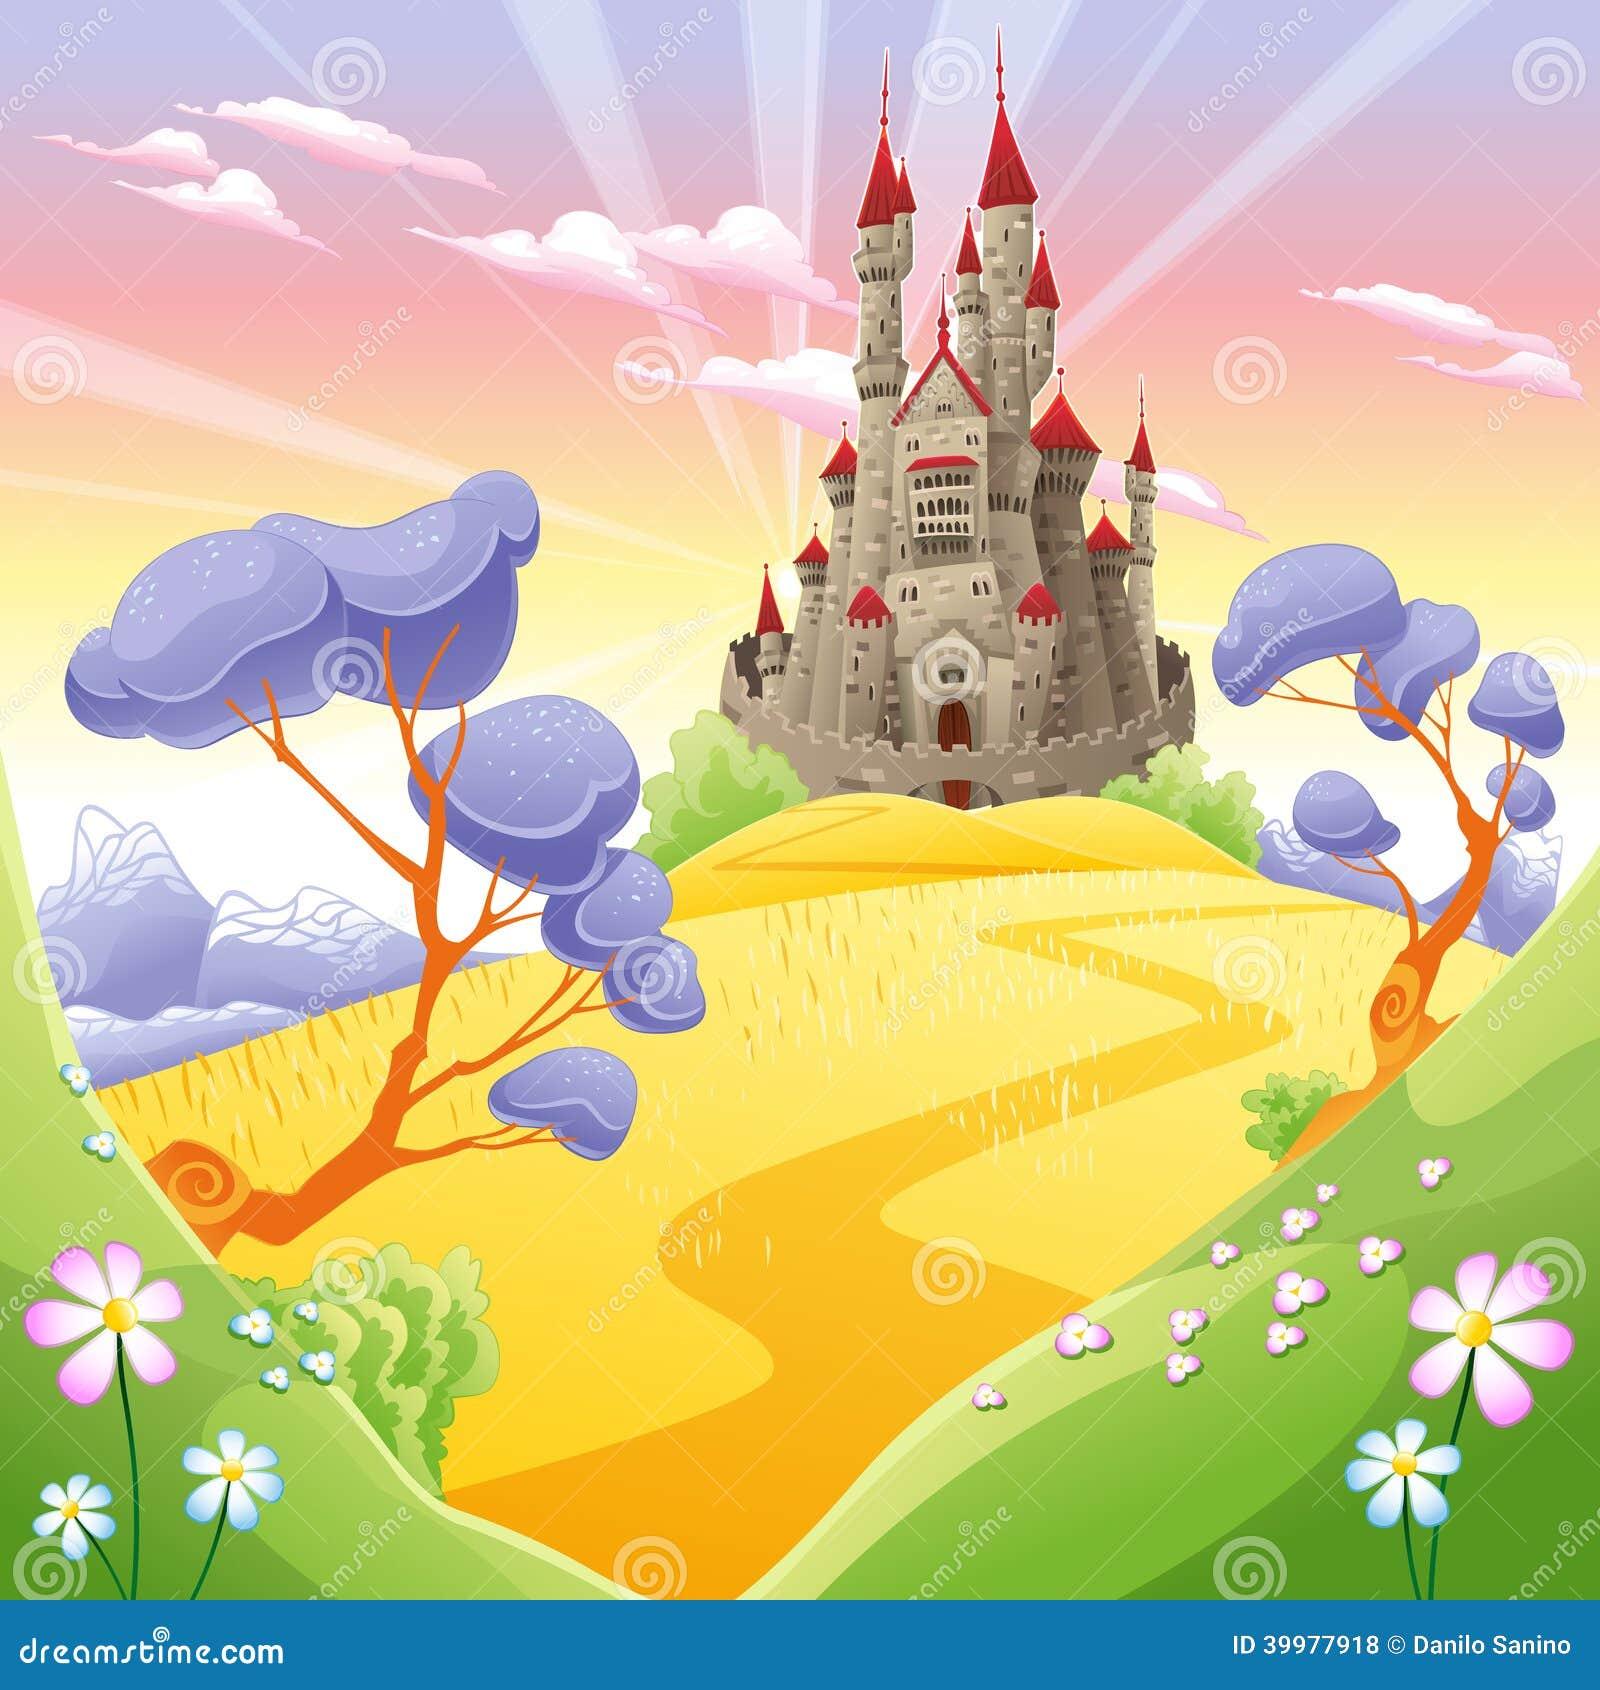 Town Landscape Vector Illustration: Mythological Landscape With Medieval Castle. Stock Vector